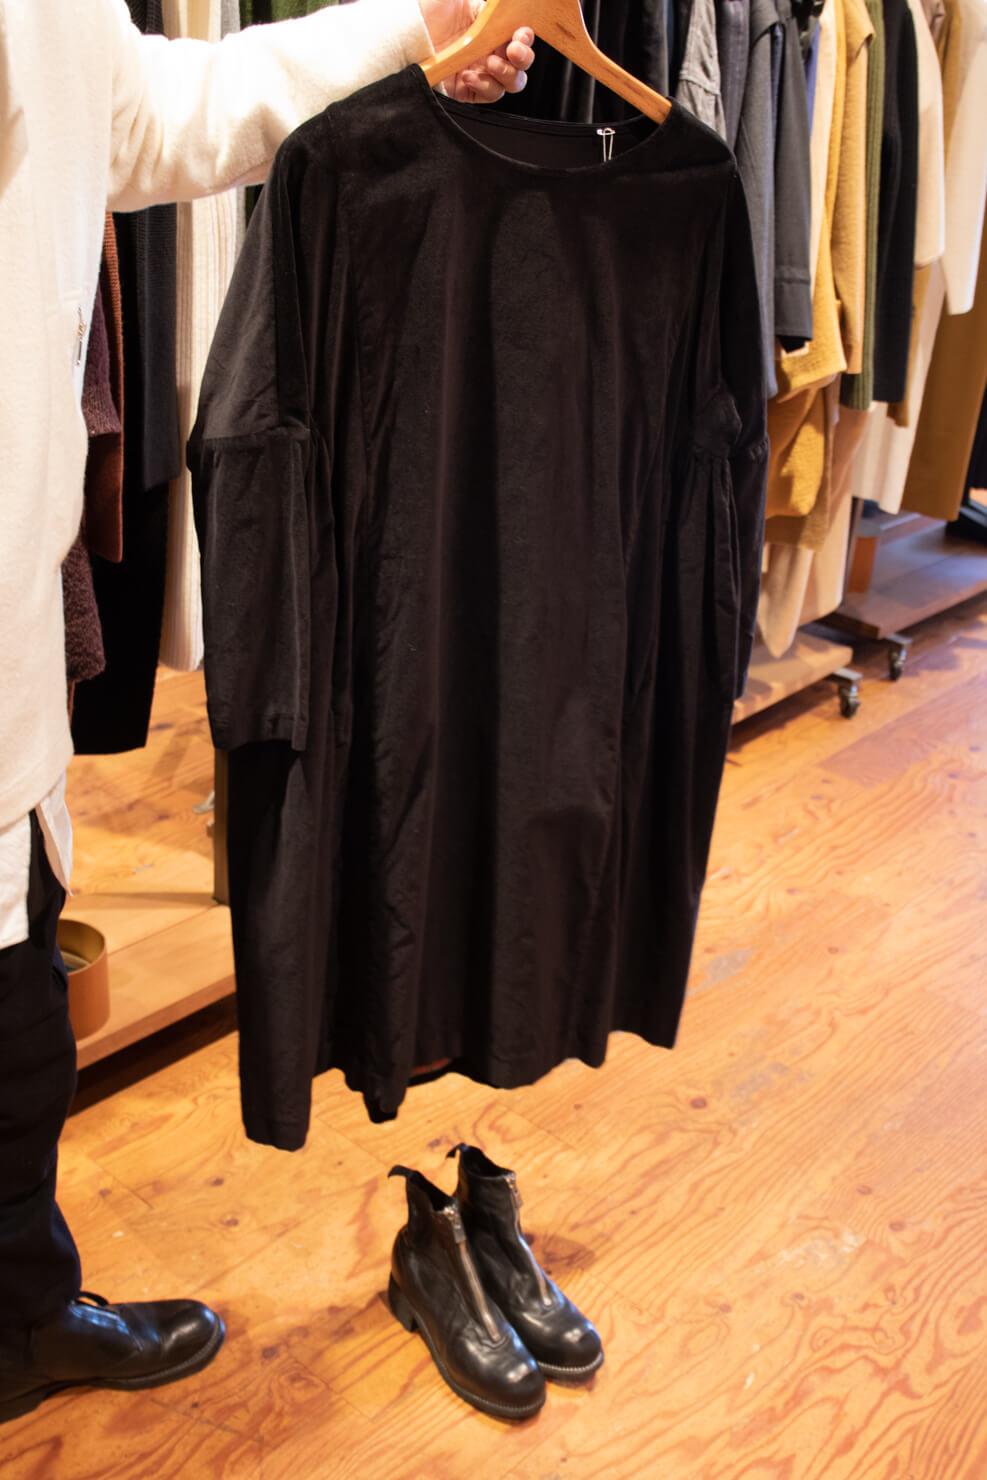 黒いワンピースと黒のジッパーブーツをコーディネートした写真